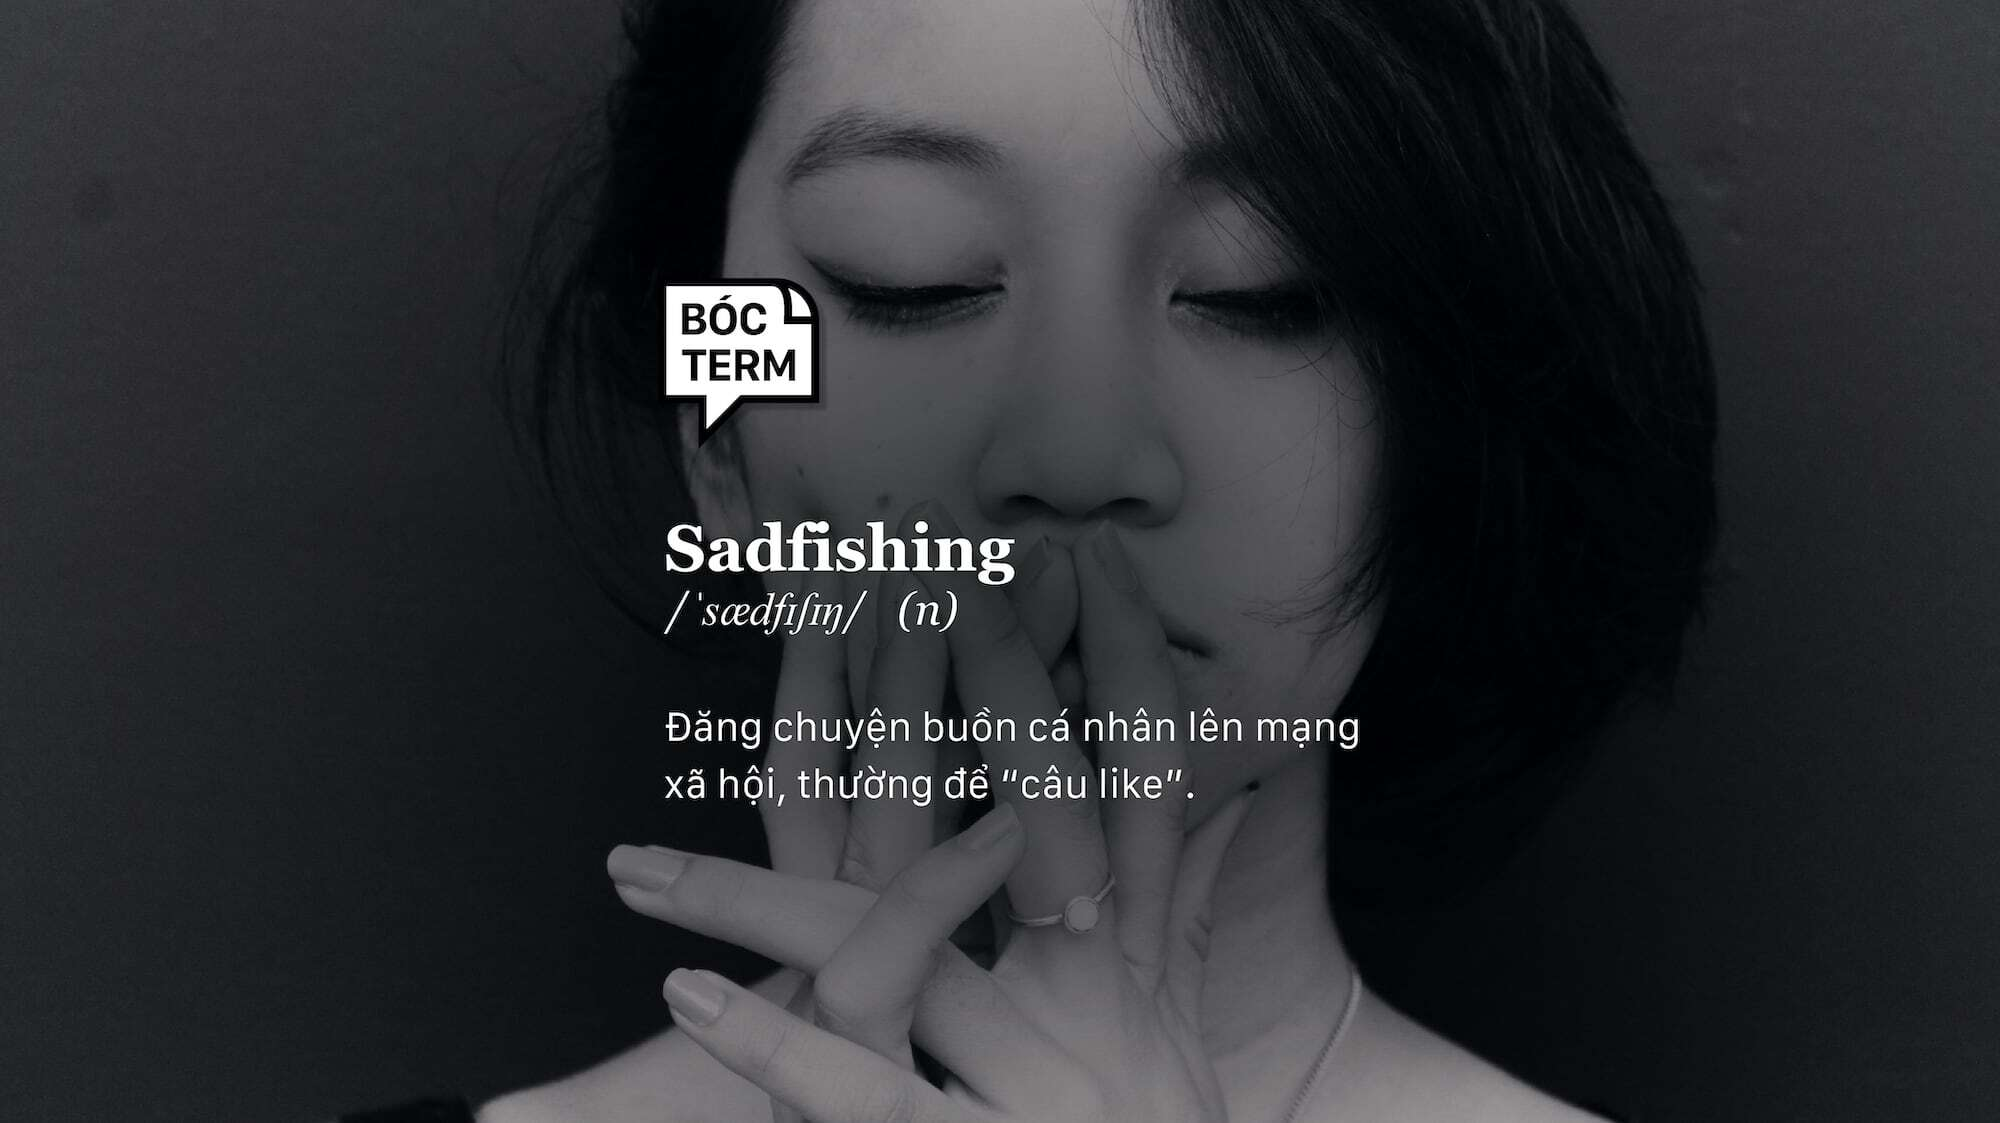 Bóc Term: Sadfishing là gì mà câu được nhiều like thế?